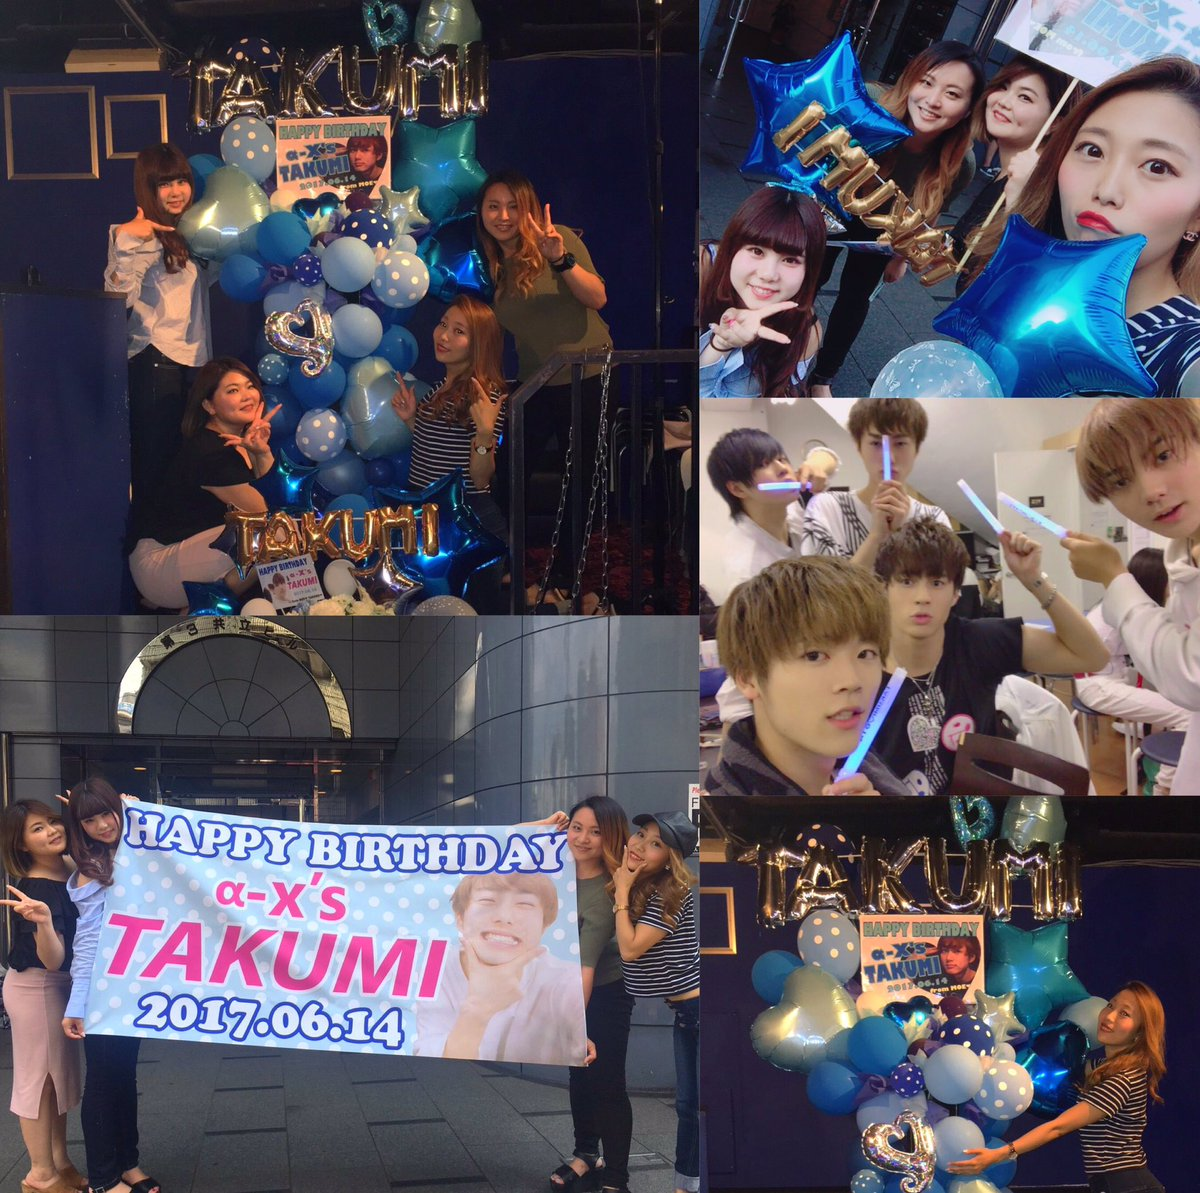 💓🐶2017.06.15〜21🌟7days🐰💓匠海の生誕ライブから始まって、ボイネ、猫カフェ、コラソン、ダンスイベント、